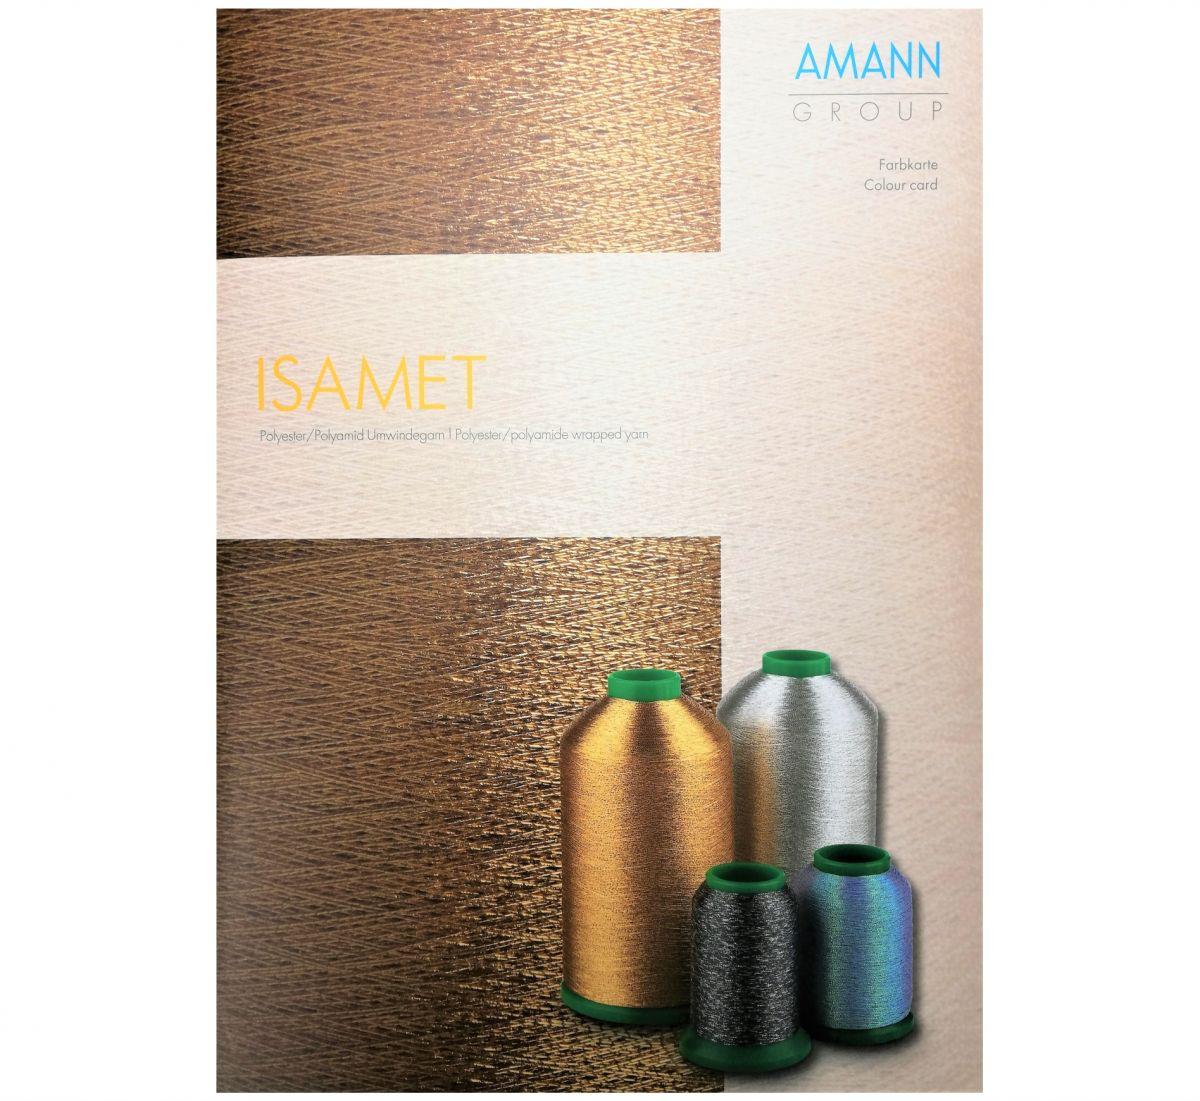 Laminato Isamet Amann (Anima in Nylon)